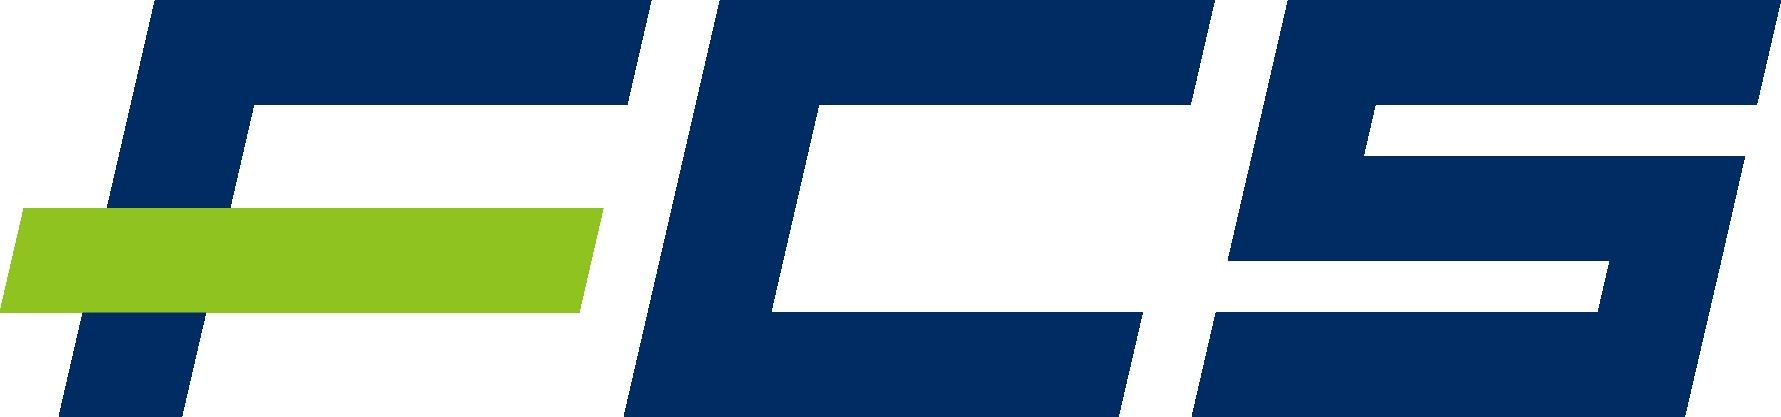 富強鑫精密工業股份有限公司-Logo